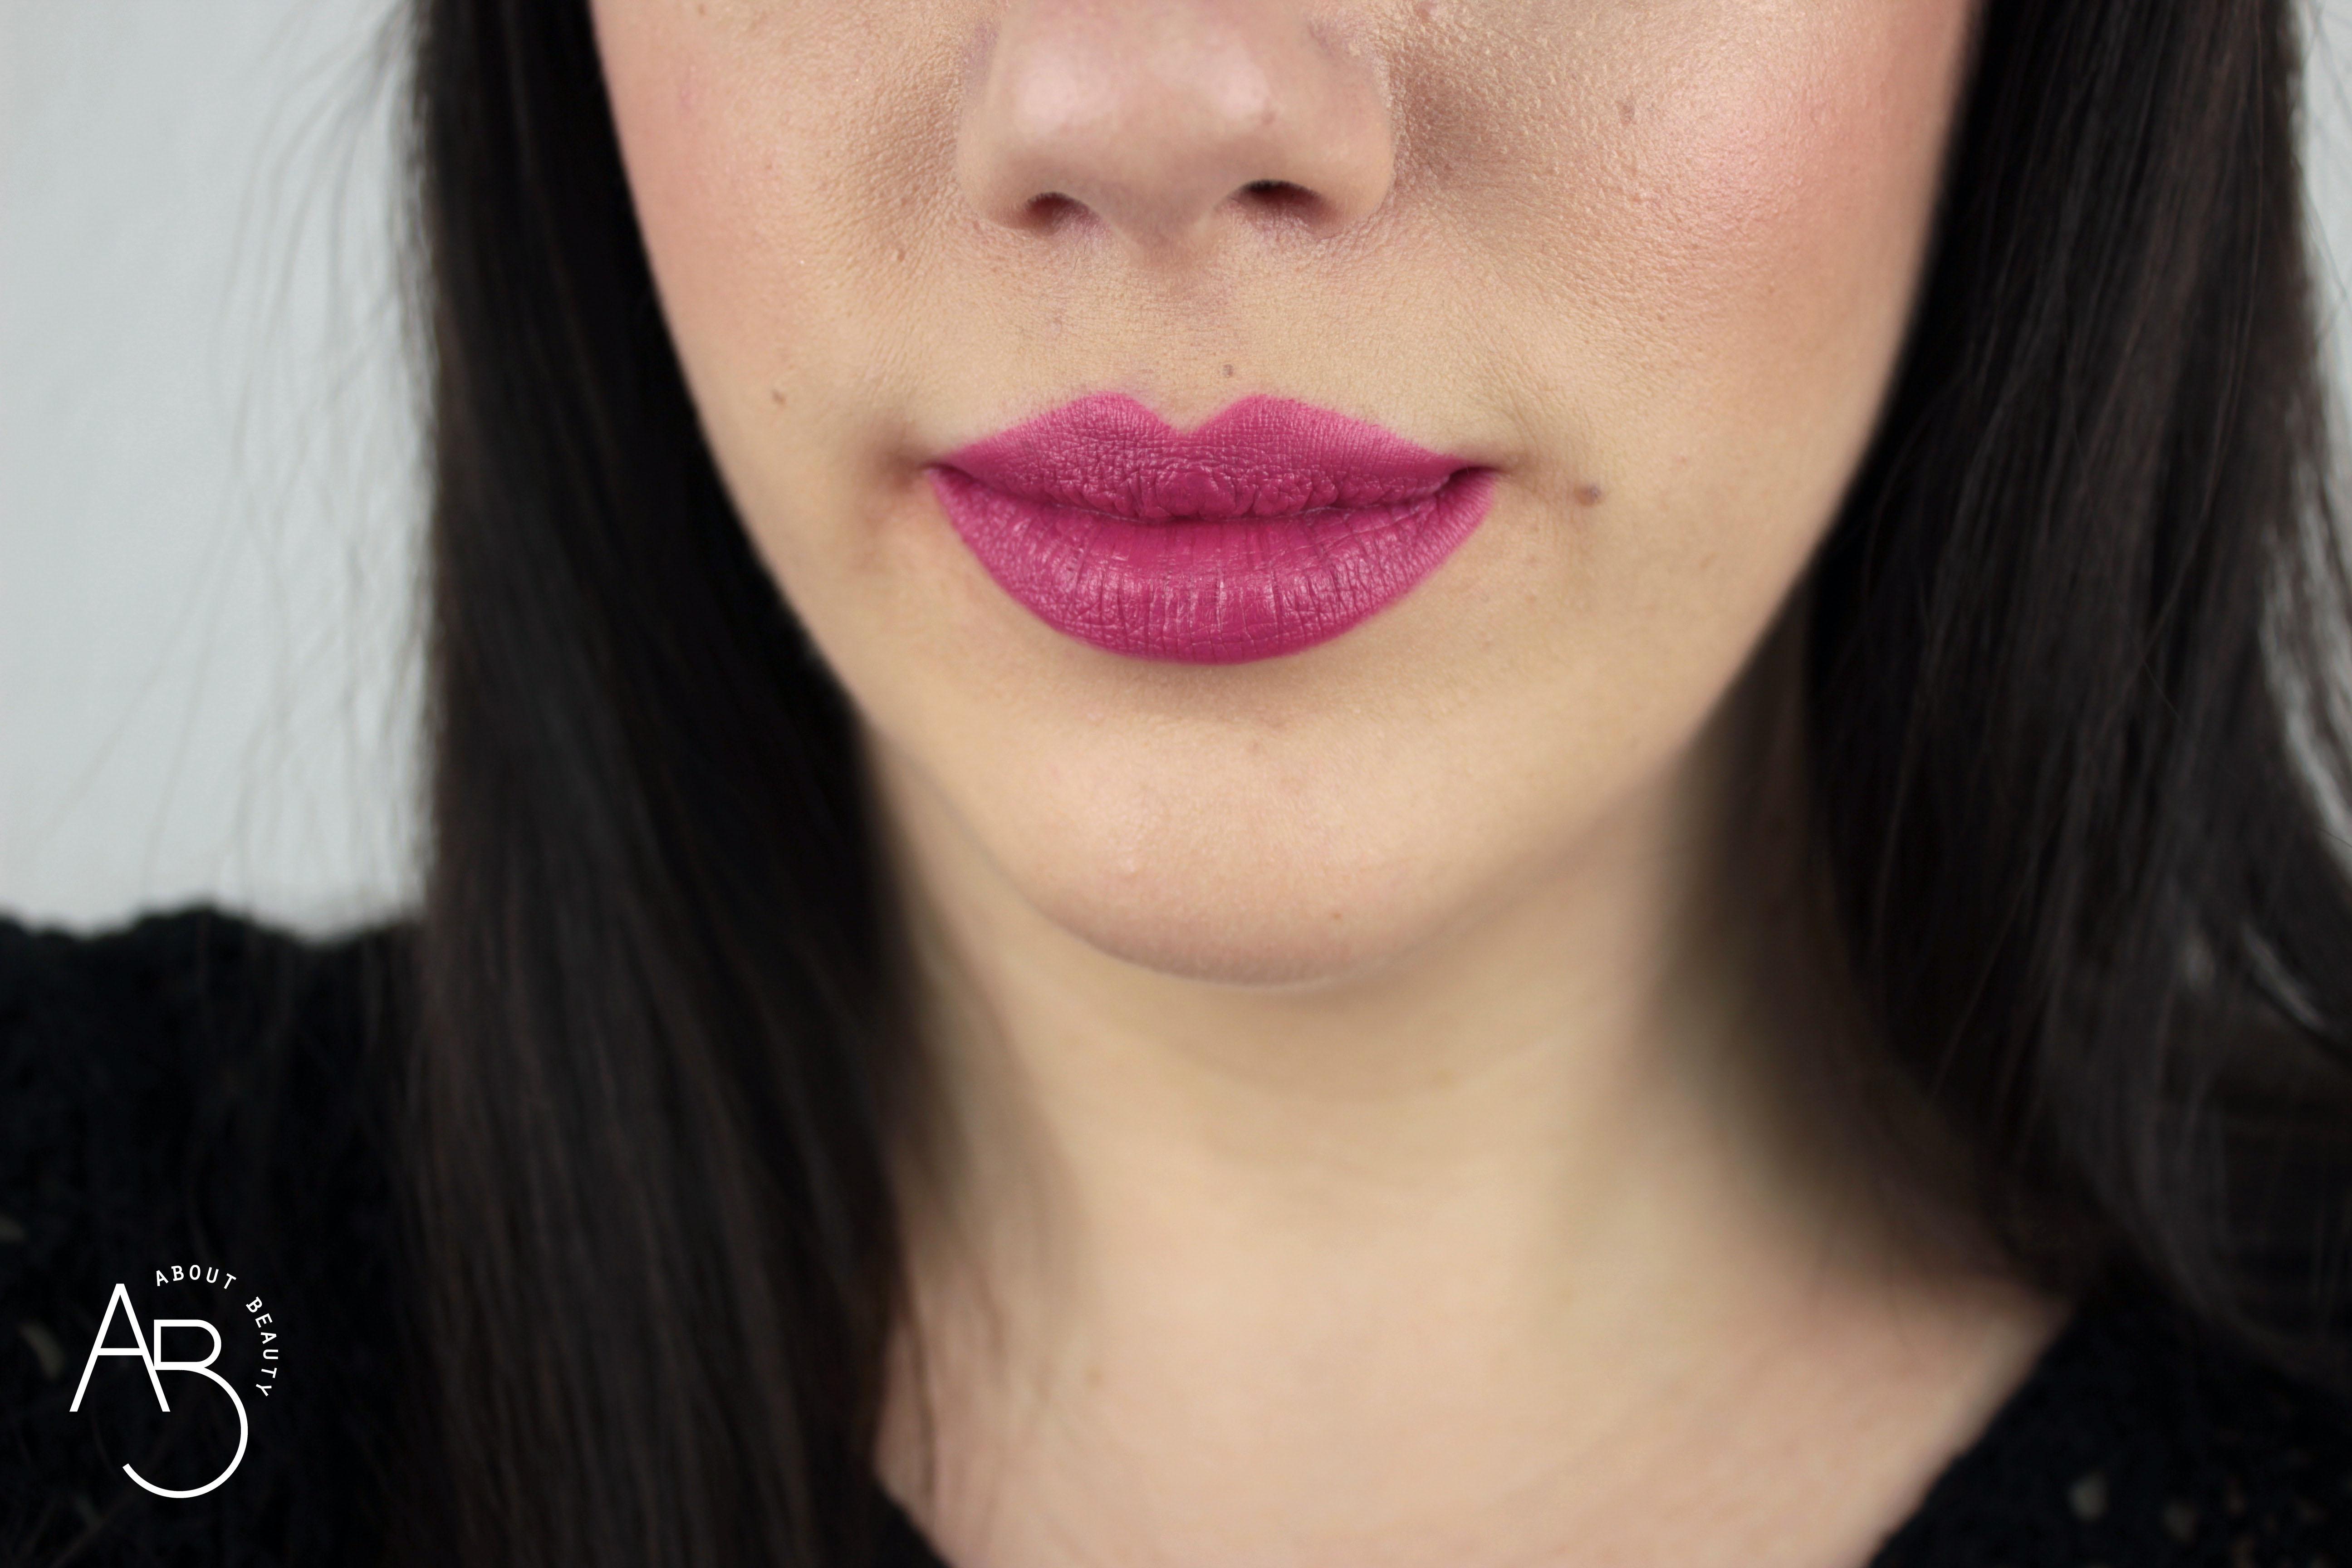 Nuovi rossetti Neve Cosmetics Dessert a Levres 2018: info, foto, swatch, prezzo, data di uscita, dove acquistare, recensione, review - Swatch su labbra di Mousse Framboise